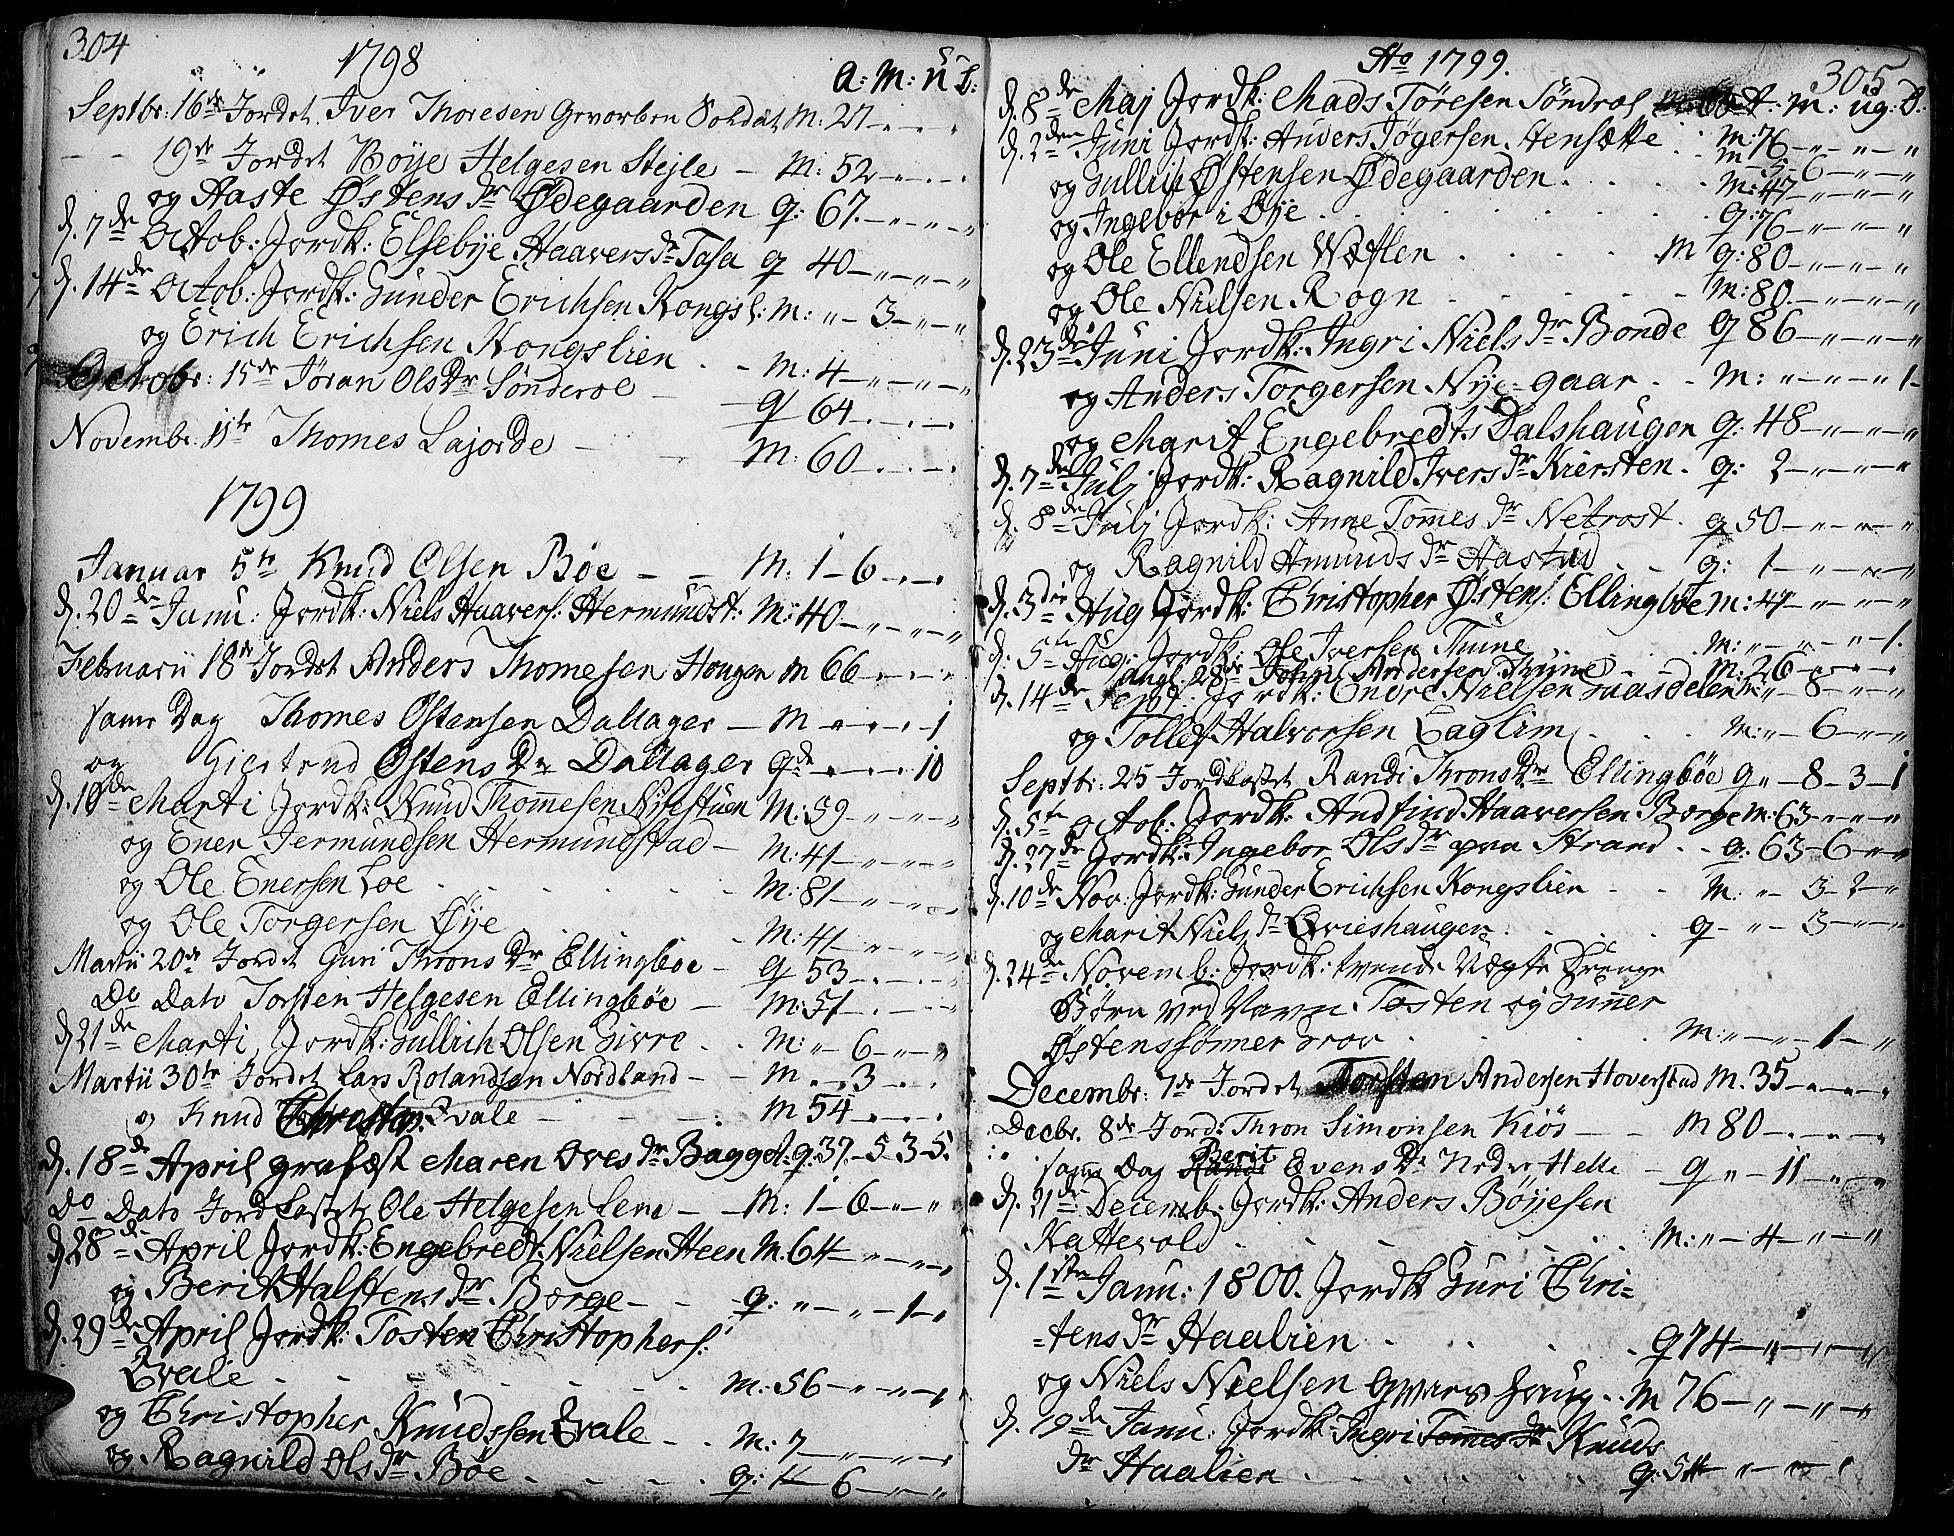 SAH, Vang prestekontor, Valdres, Ministerialbok nr. 2, 1796-1808, s. 304-305